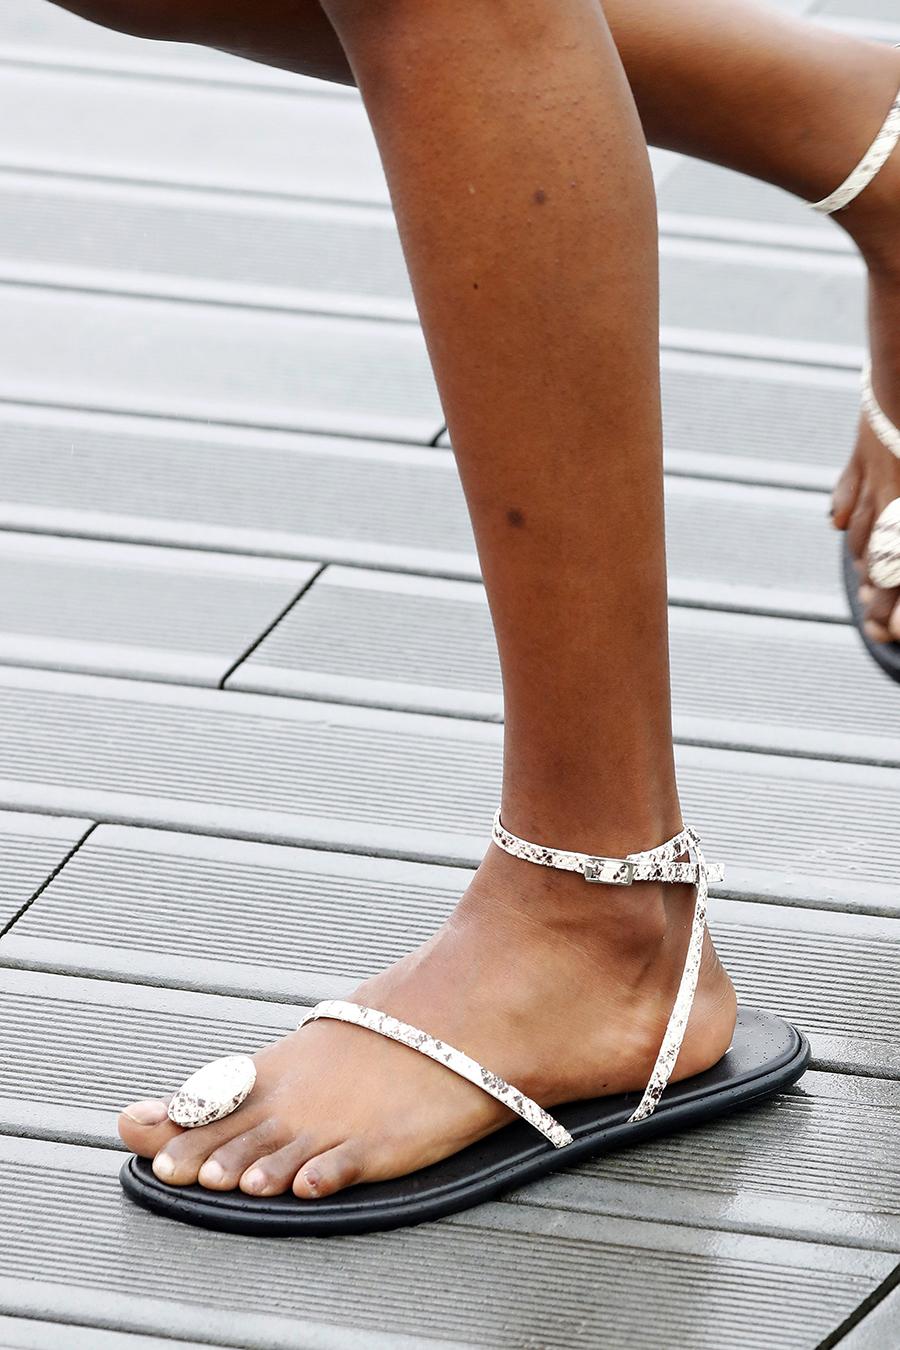 модная обувь лето 2021 на низком ходу плоская подошва без каблука женская на большой палец змея принт